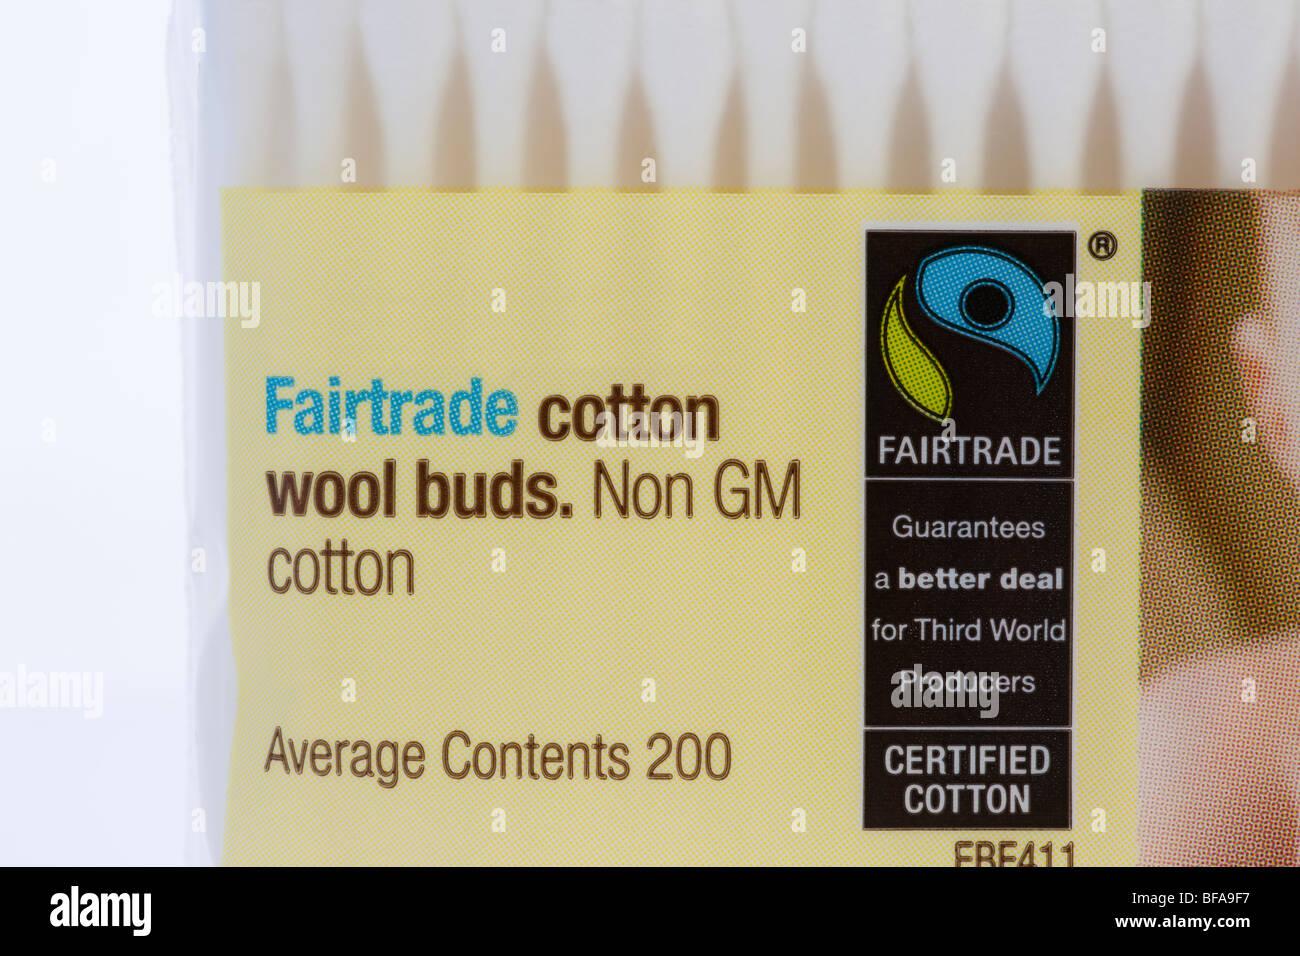 La Gran Bretagna UK Europa. Pacchetto di Fairtrade lana cotone gemme realizzato da non-GM in cotone e con il commercio Immagini Stock